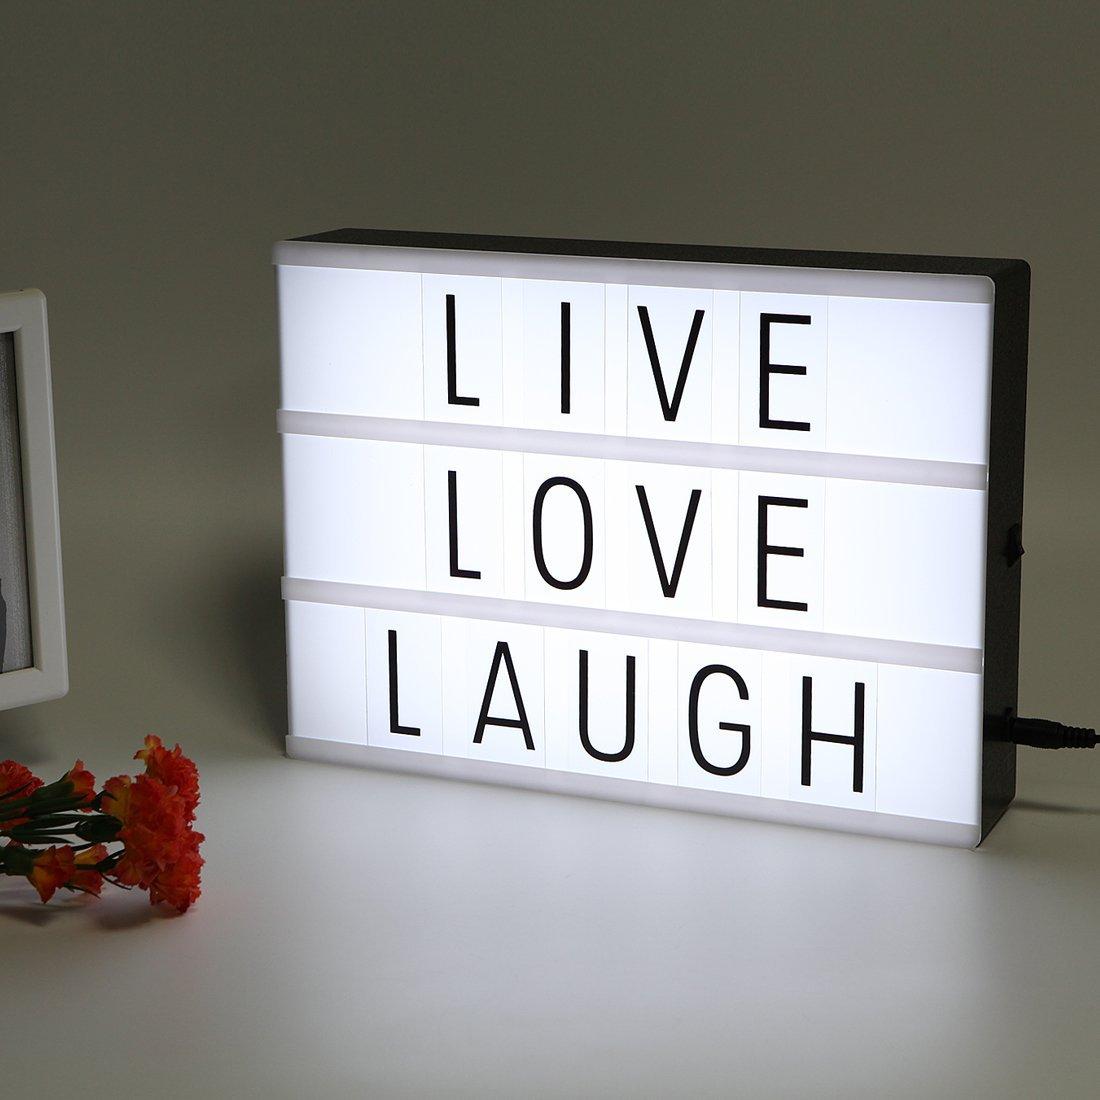 tableau-lumineux-led-Lightbox